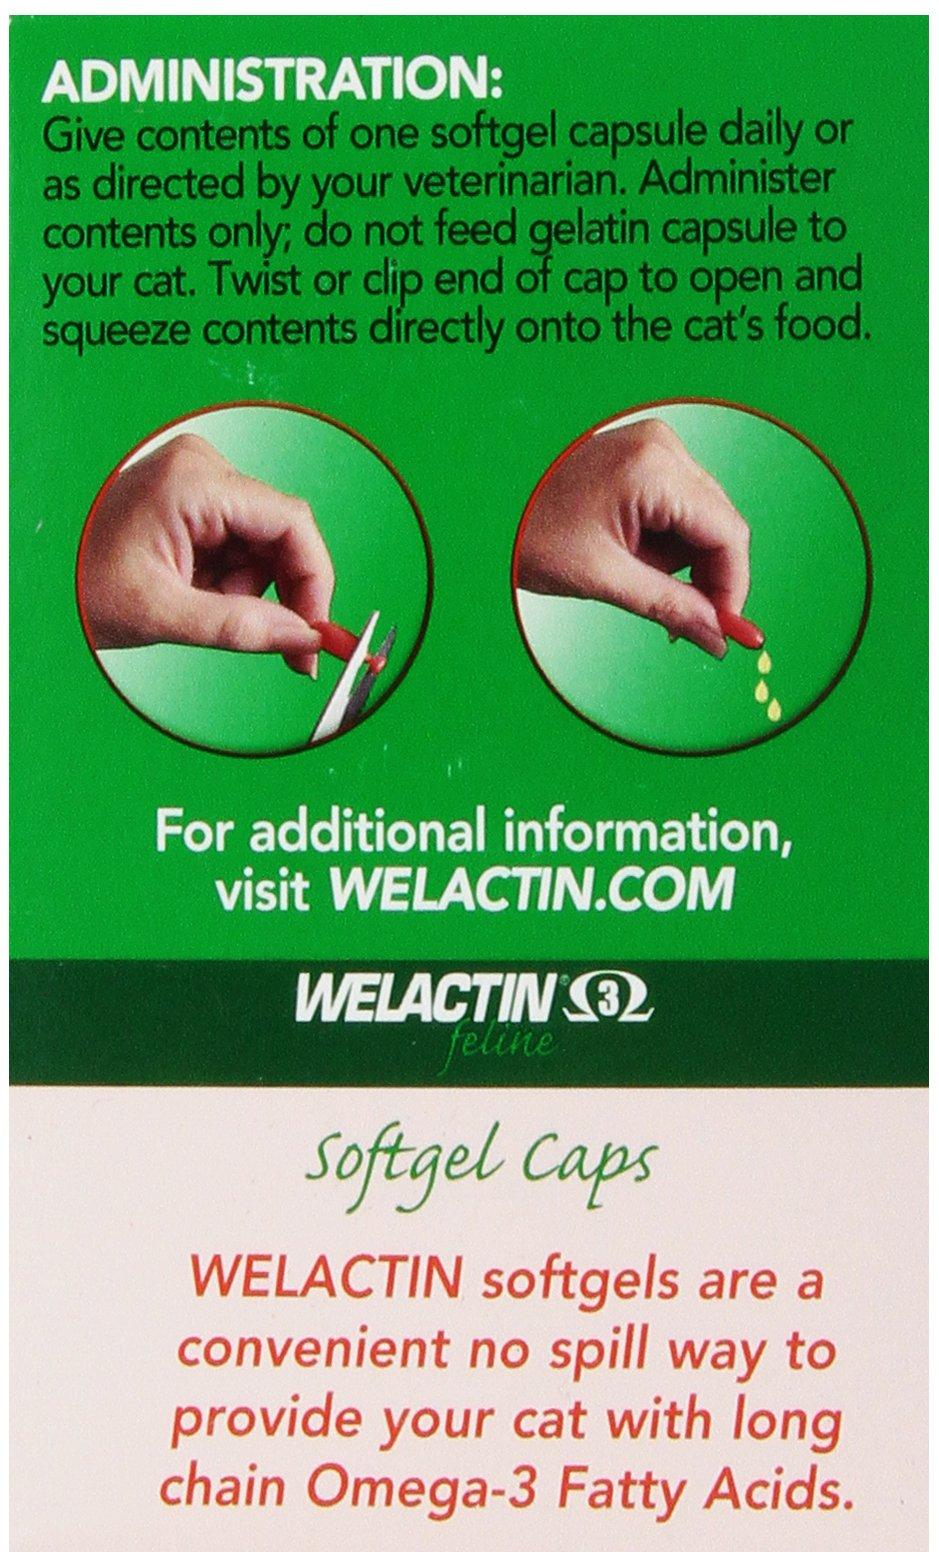 Nutramax Welactin Feline Soft Gel Caps - 60 Count 6